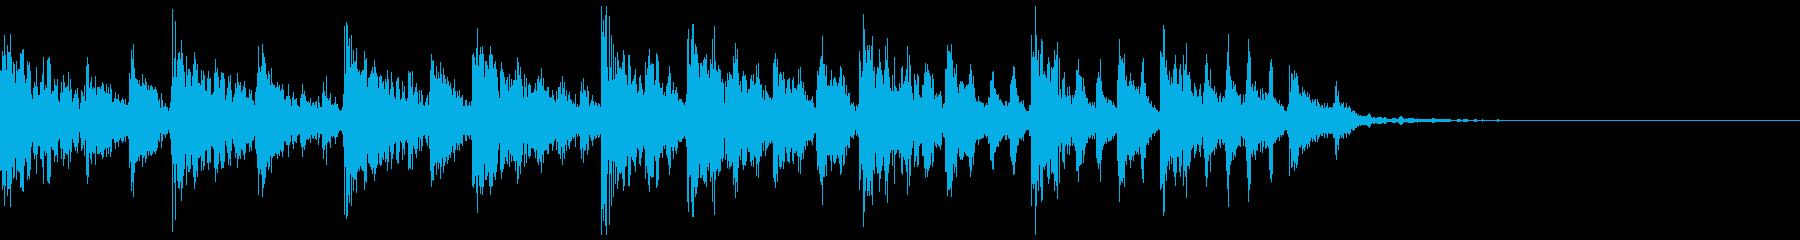 エレクトロなジングル・61の再生済みの波形